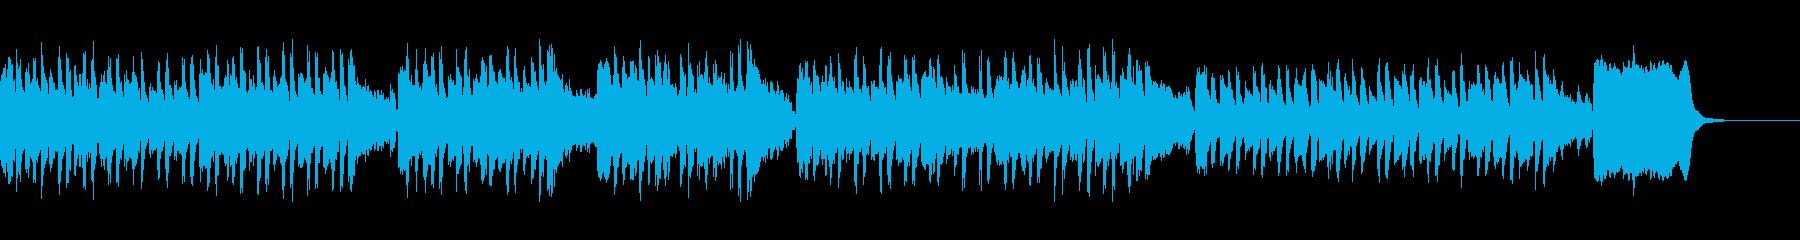 ★不気味な洋館のワルツ リズムVer の再生済みの波形